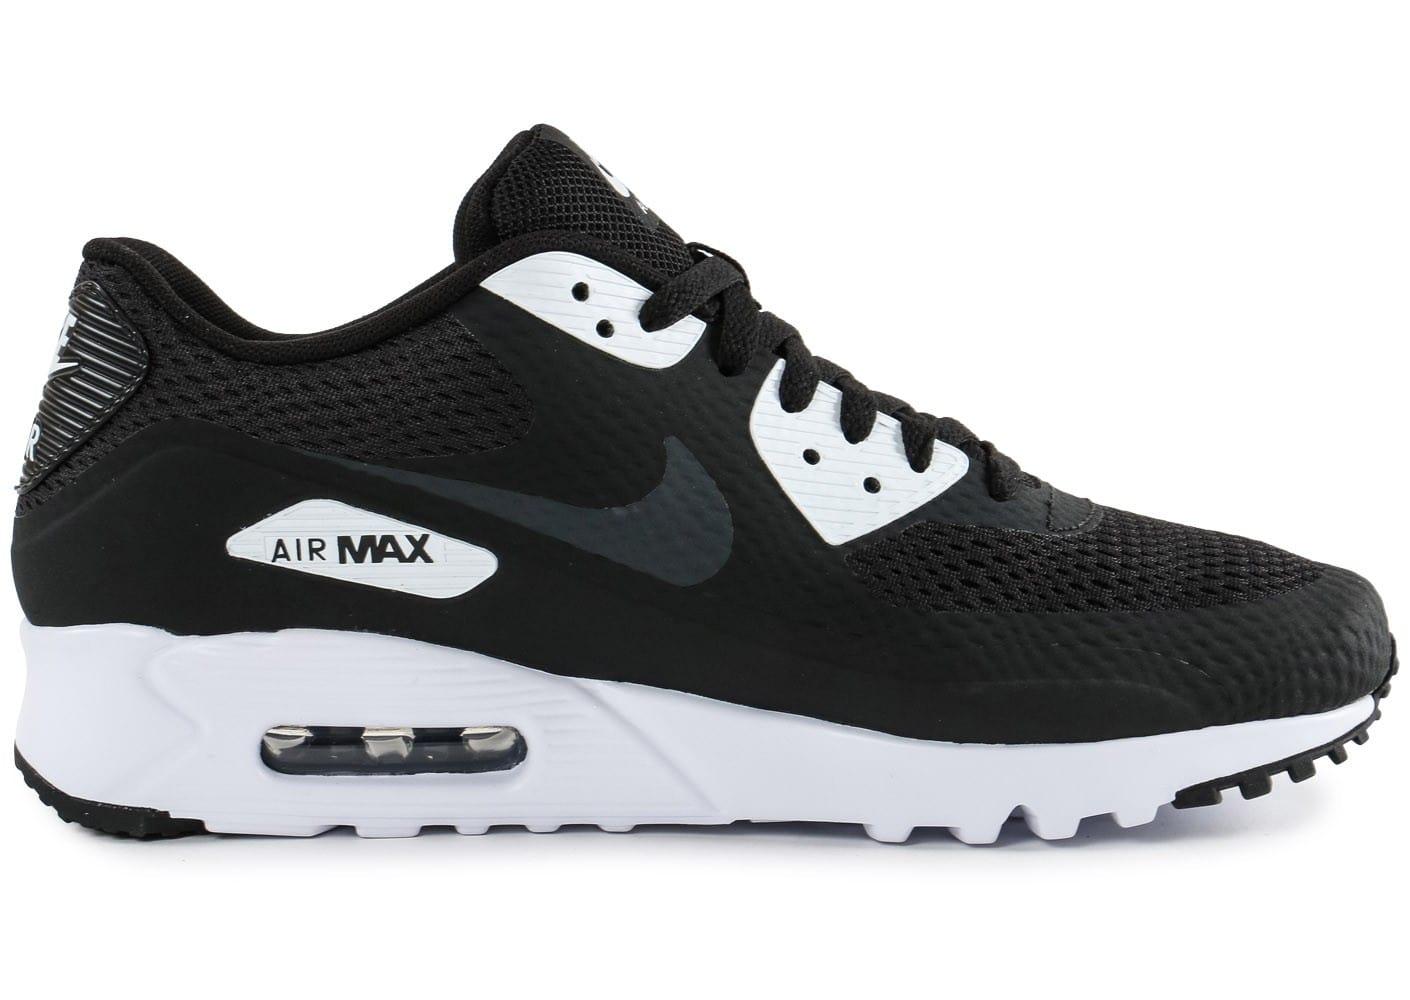 designer fashion 7fddb 1e360 ... purchase nike magasin de chaussures nike air max 90 ultra se mens shoe noir  nike air